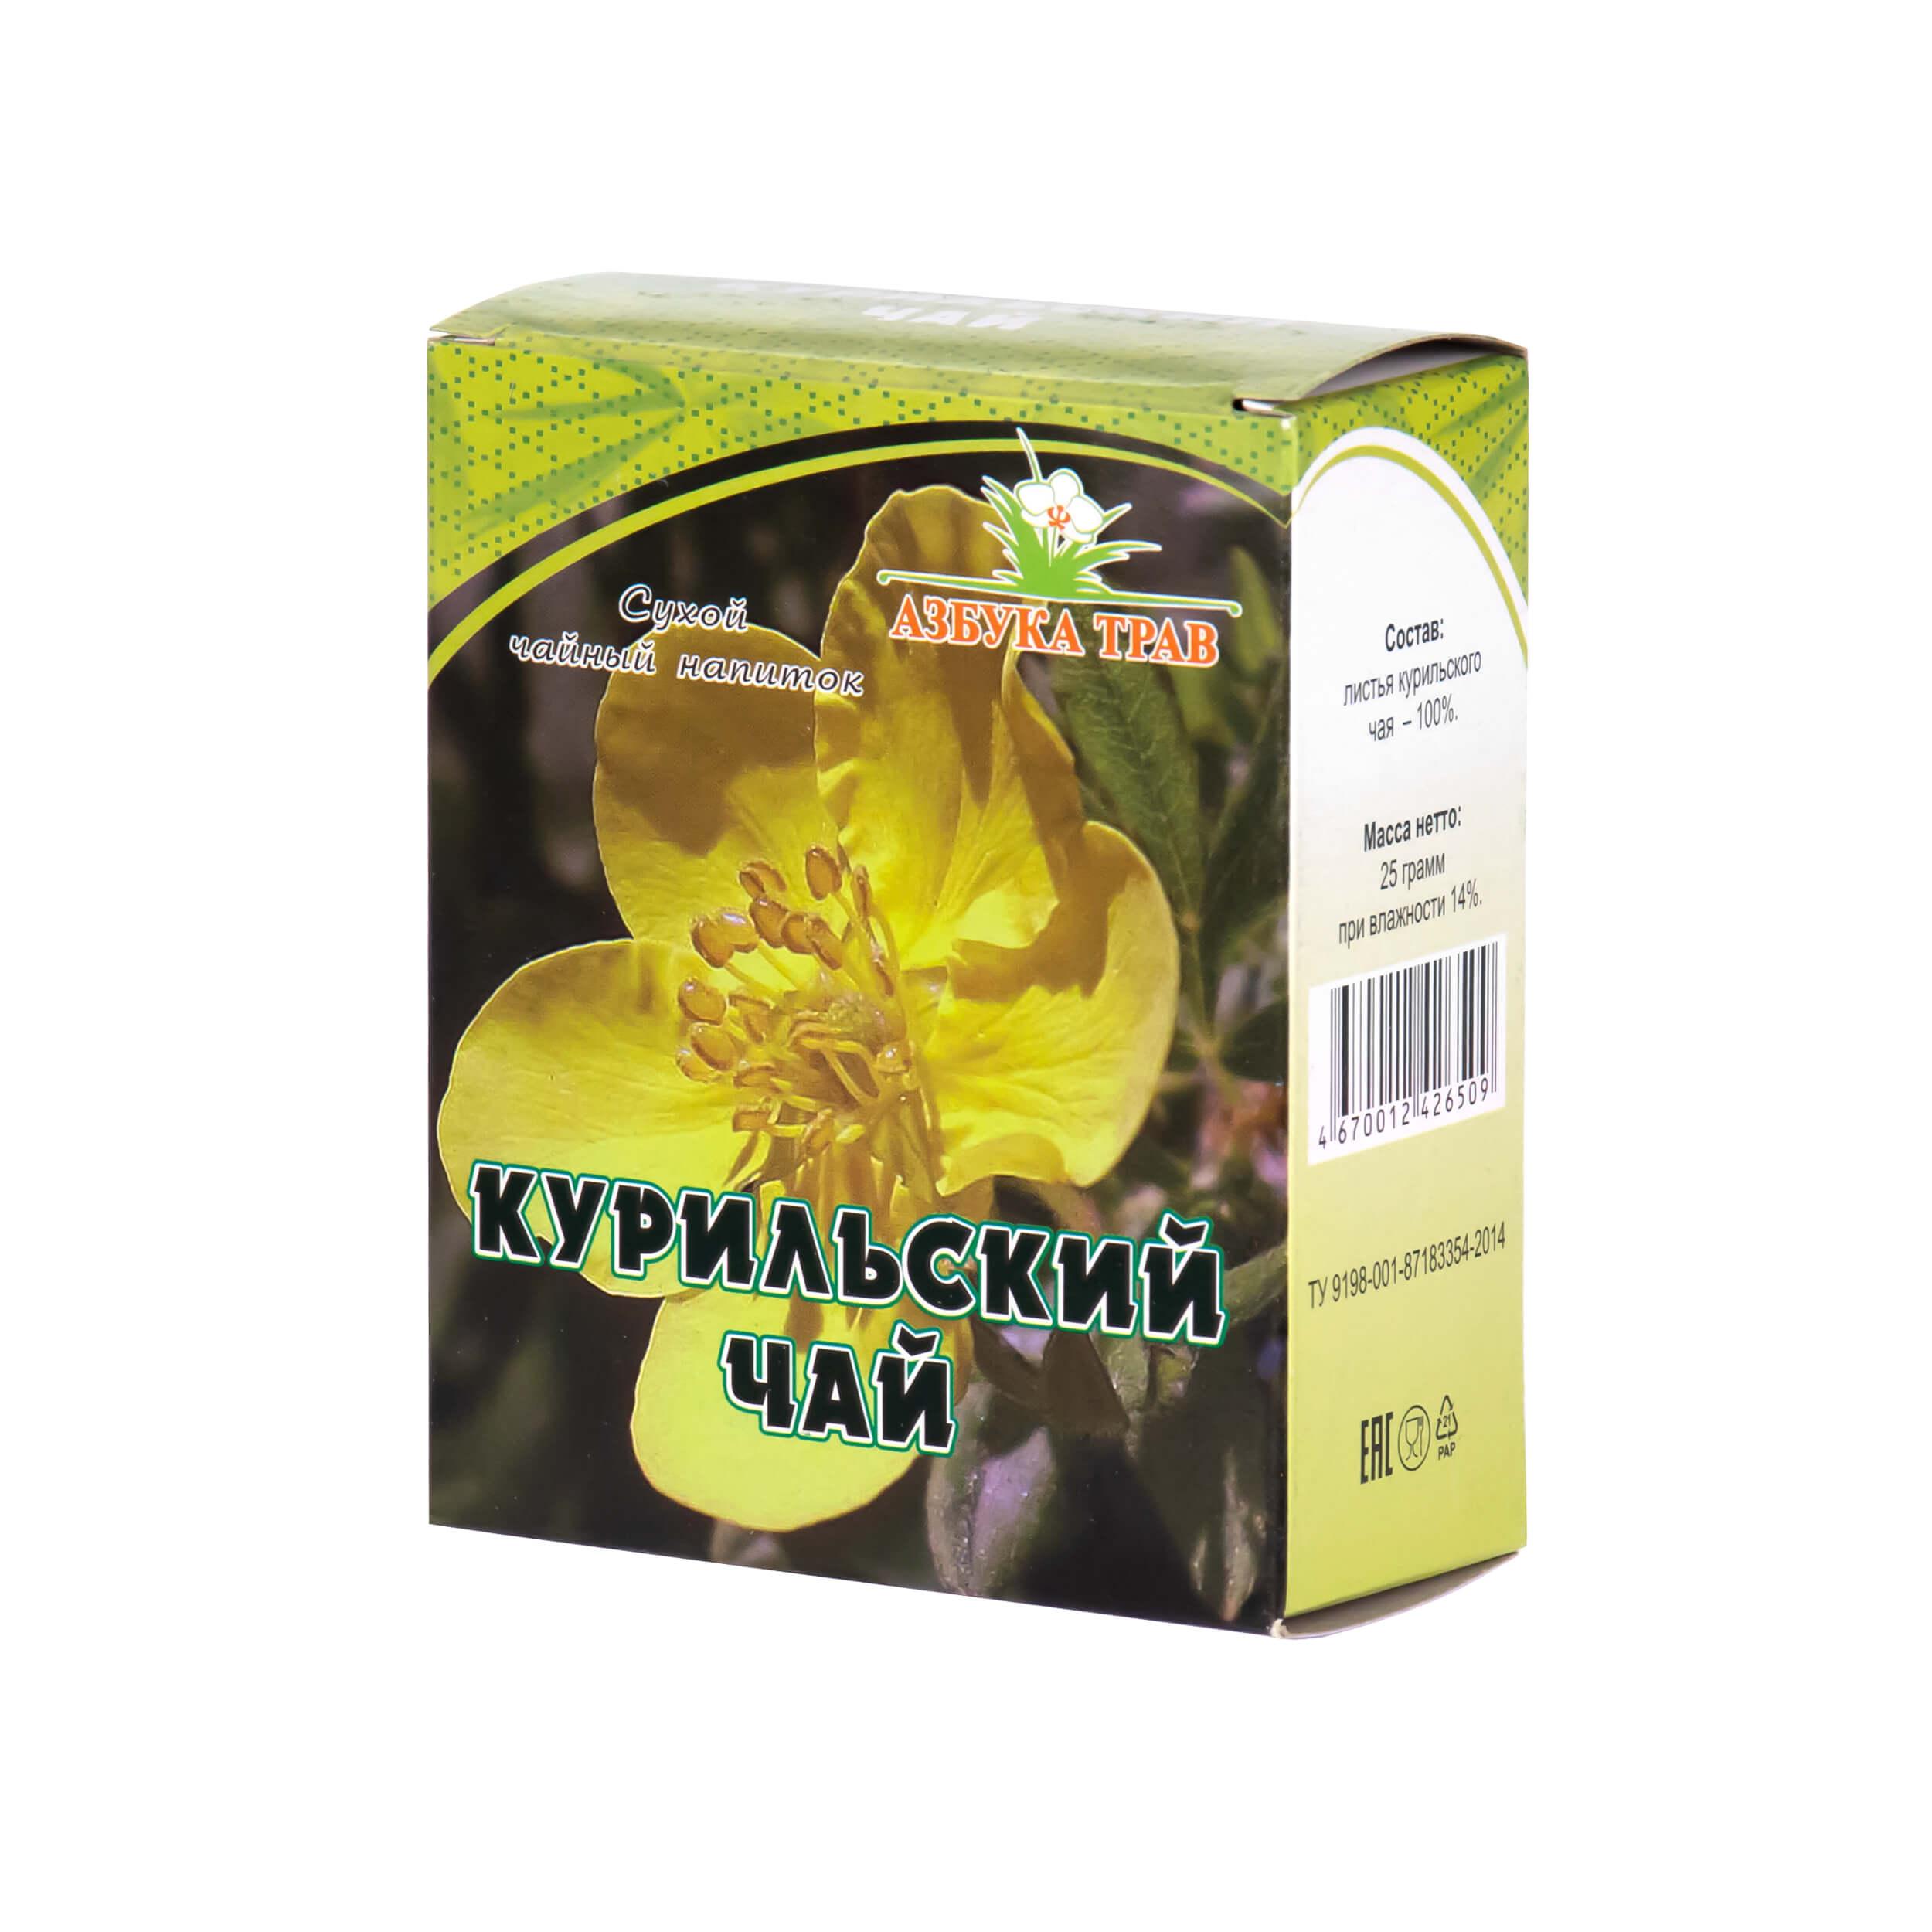 Курильский чай (25 грамм) фото